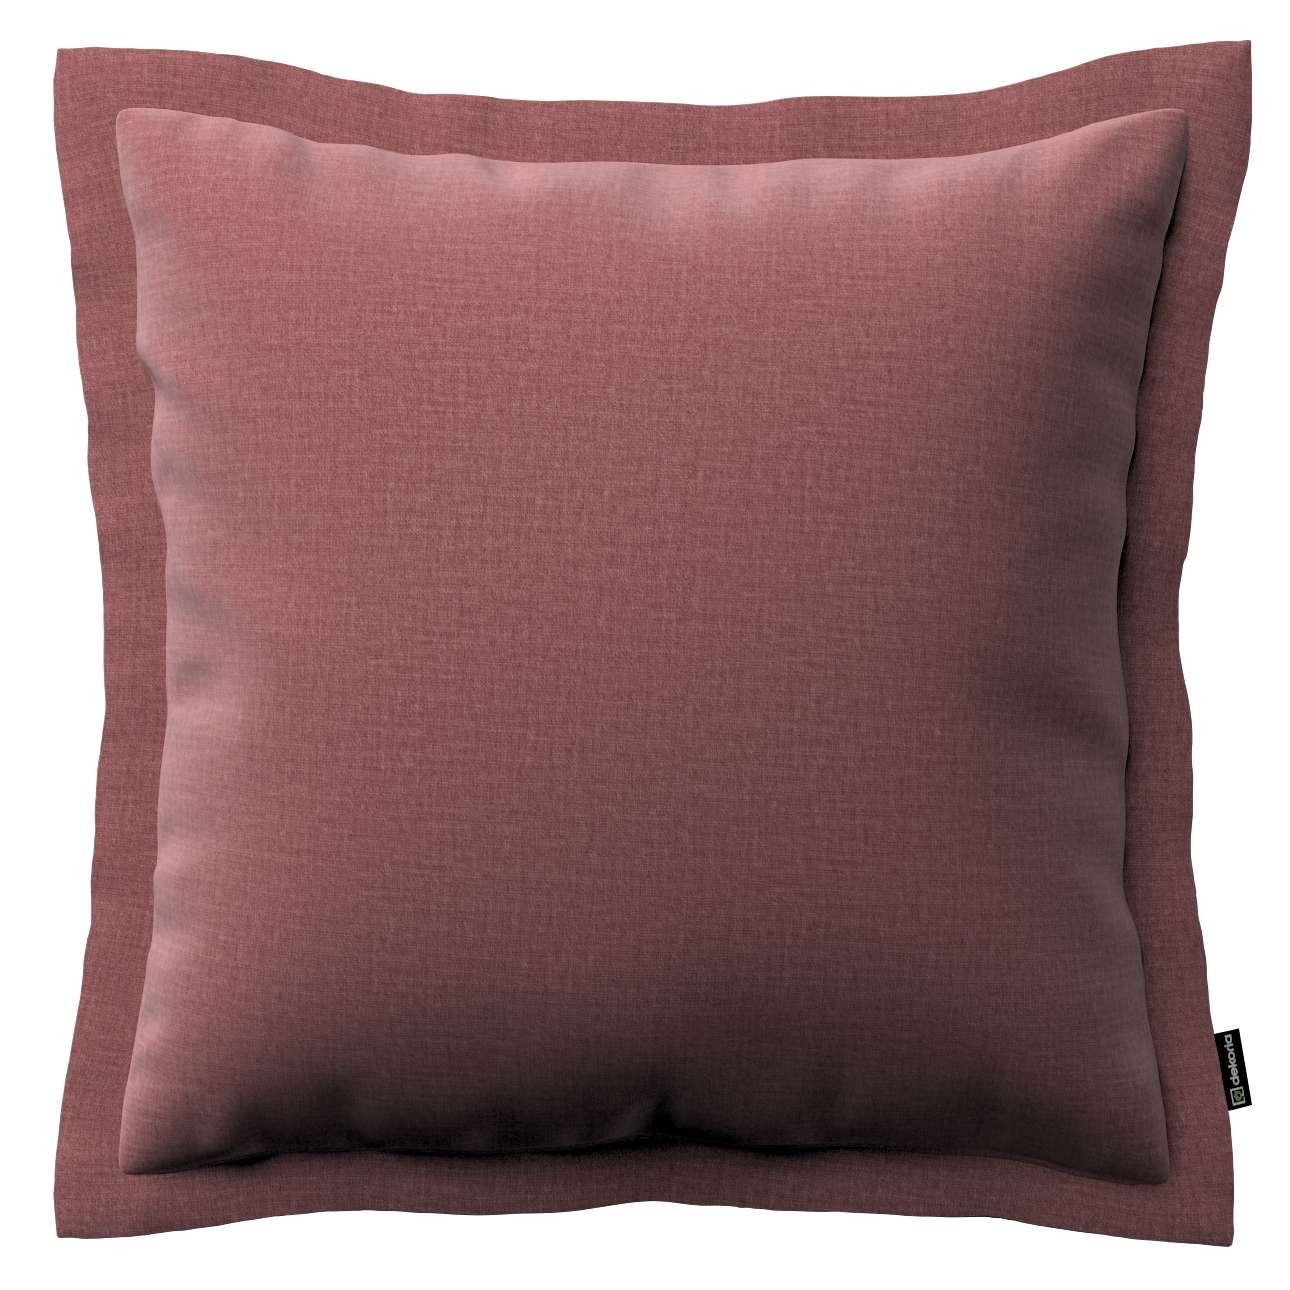 Poszewka Mona na poduszkę w kolekcji Ingrid, tkanina: 705-38